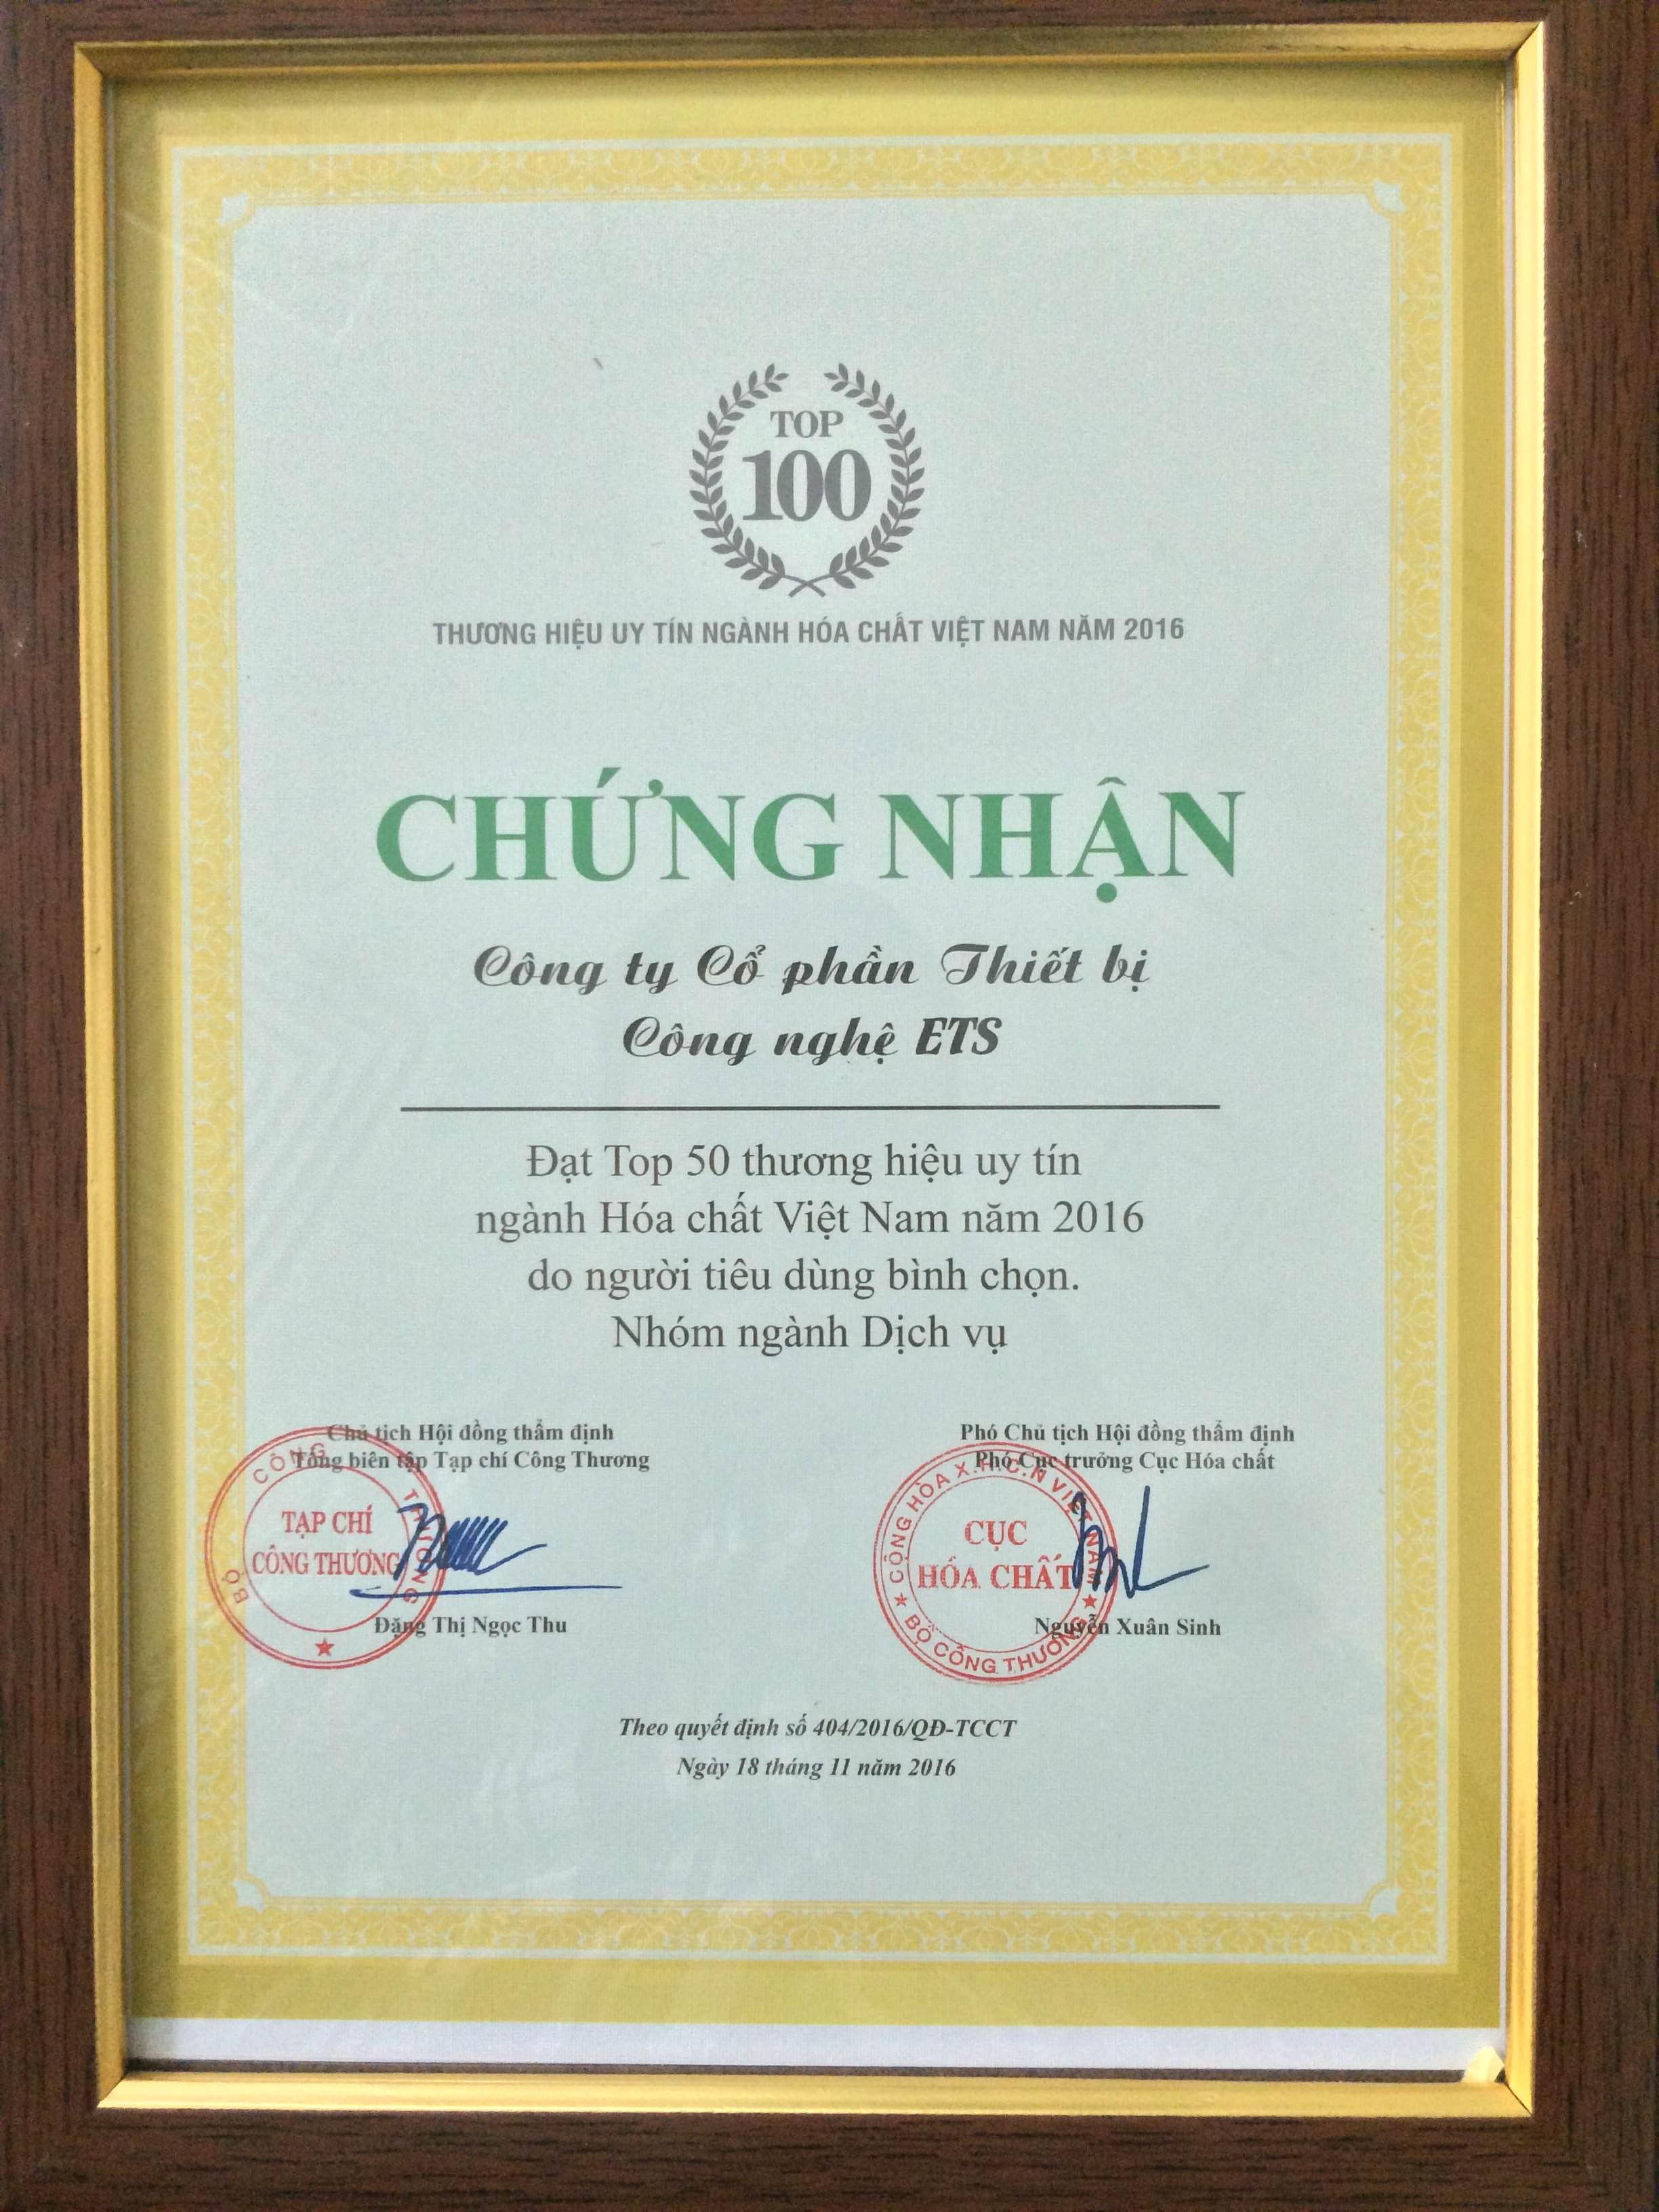 Chứng nhận TOP 50 thương hiệu uy tín ngành hóa chất Việt Nam năm 2016